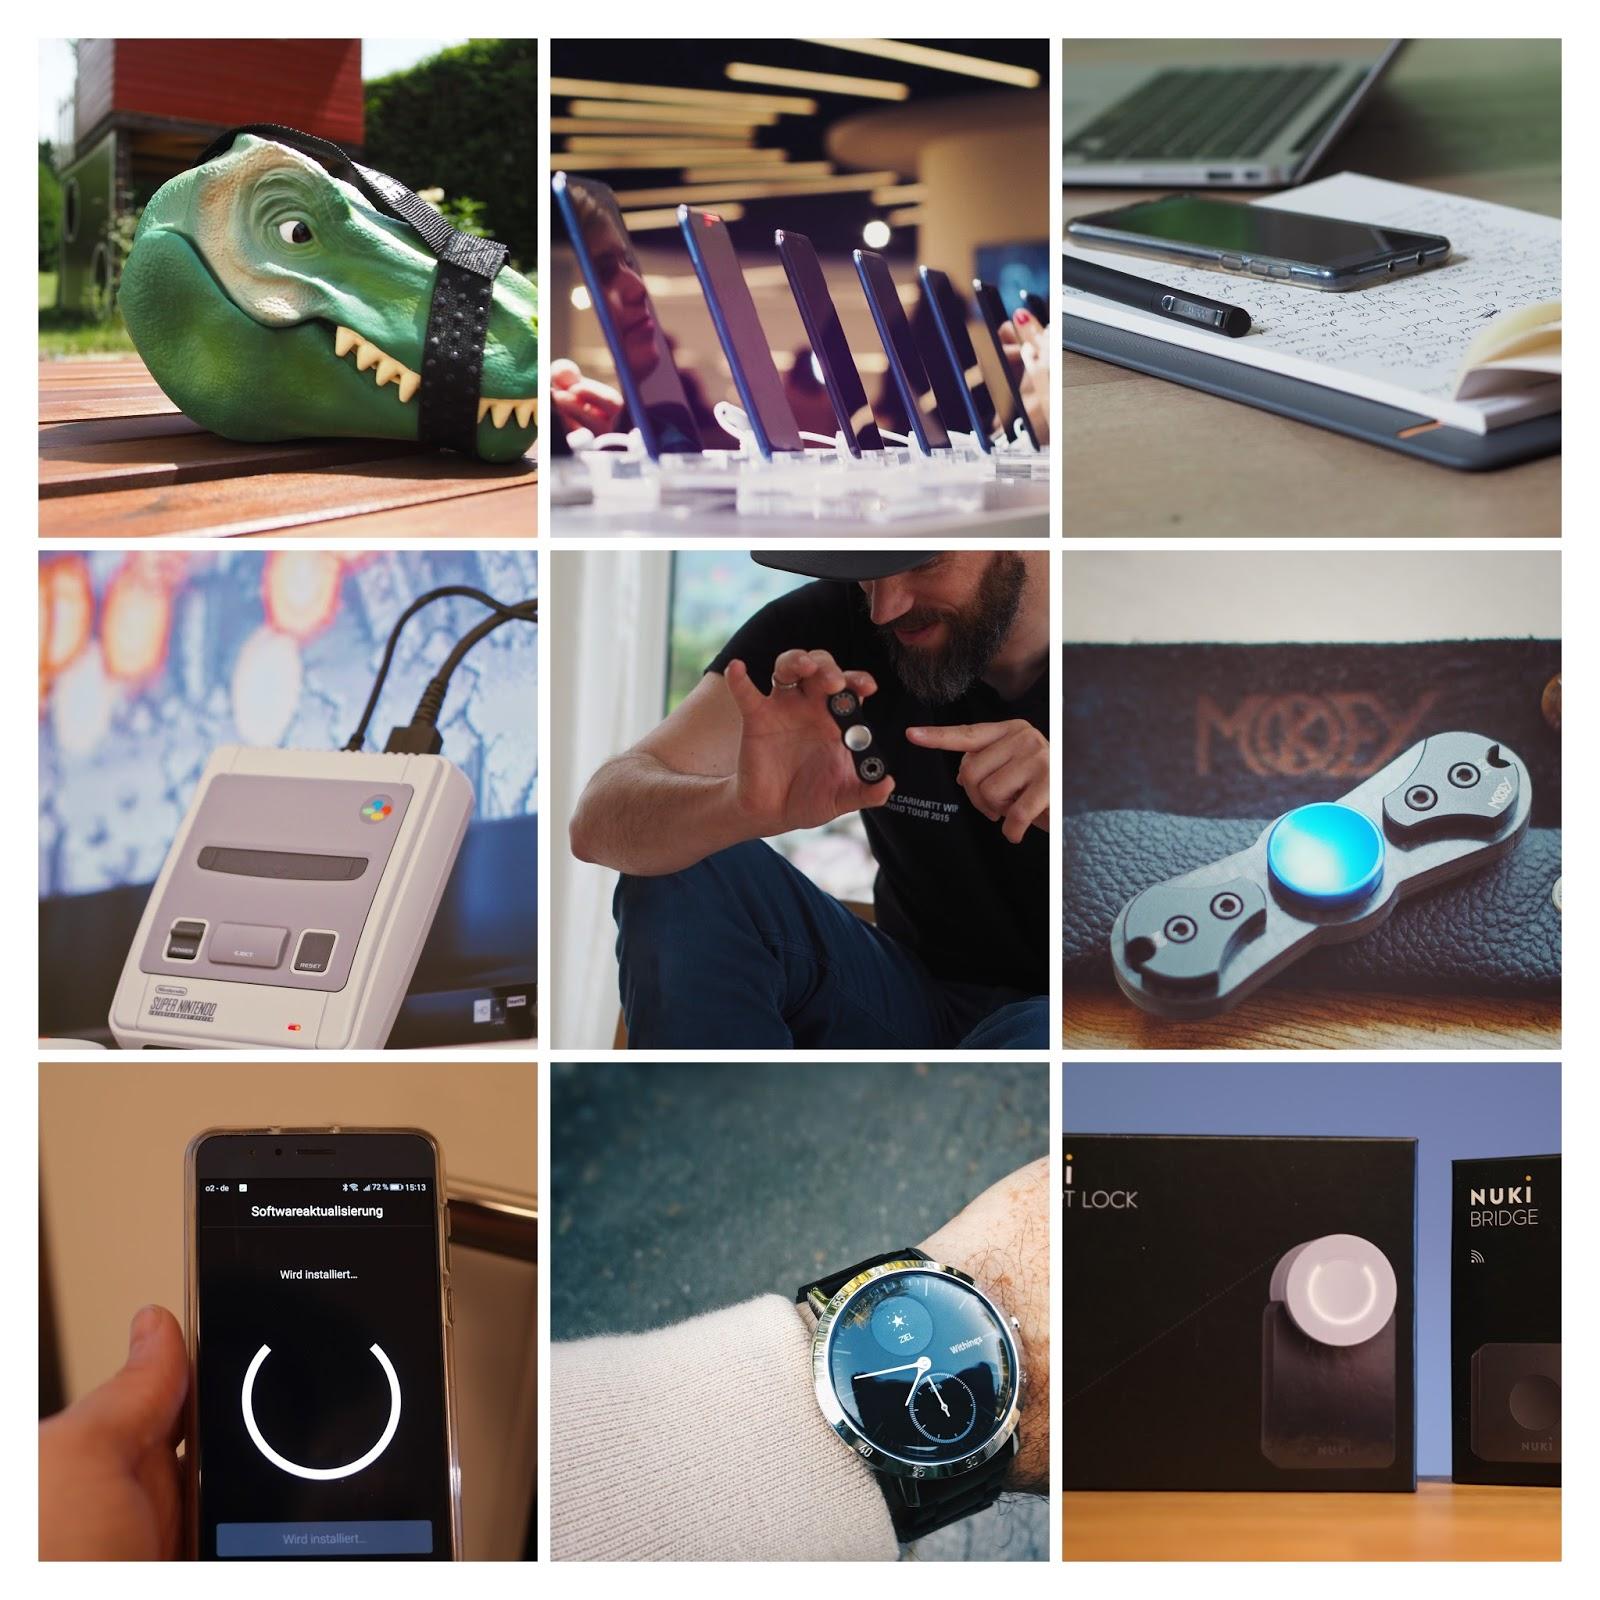 Die besten Gadgets aus 2017 | Atomlabor x gutefrage haben die 5 Hype-Gadgets im Blick